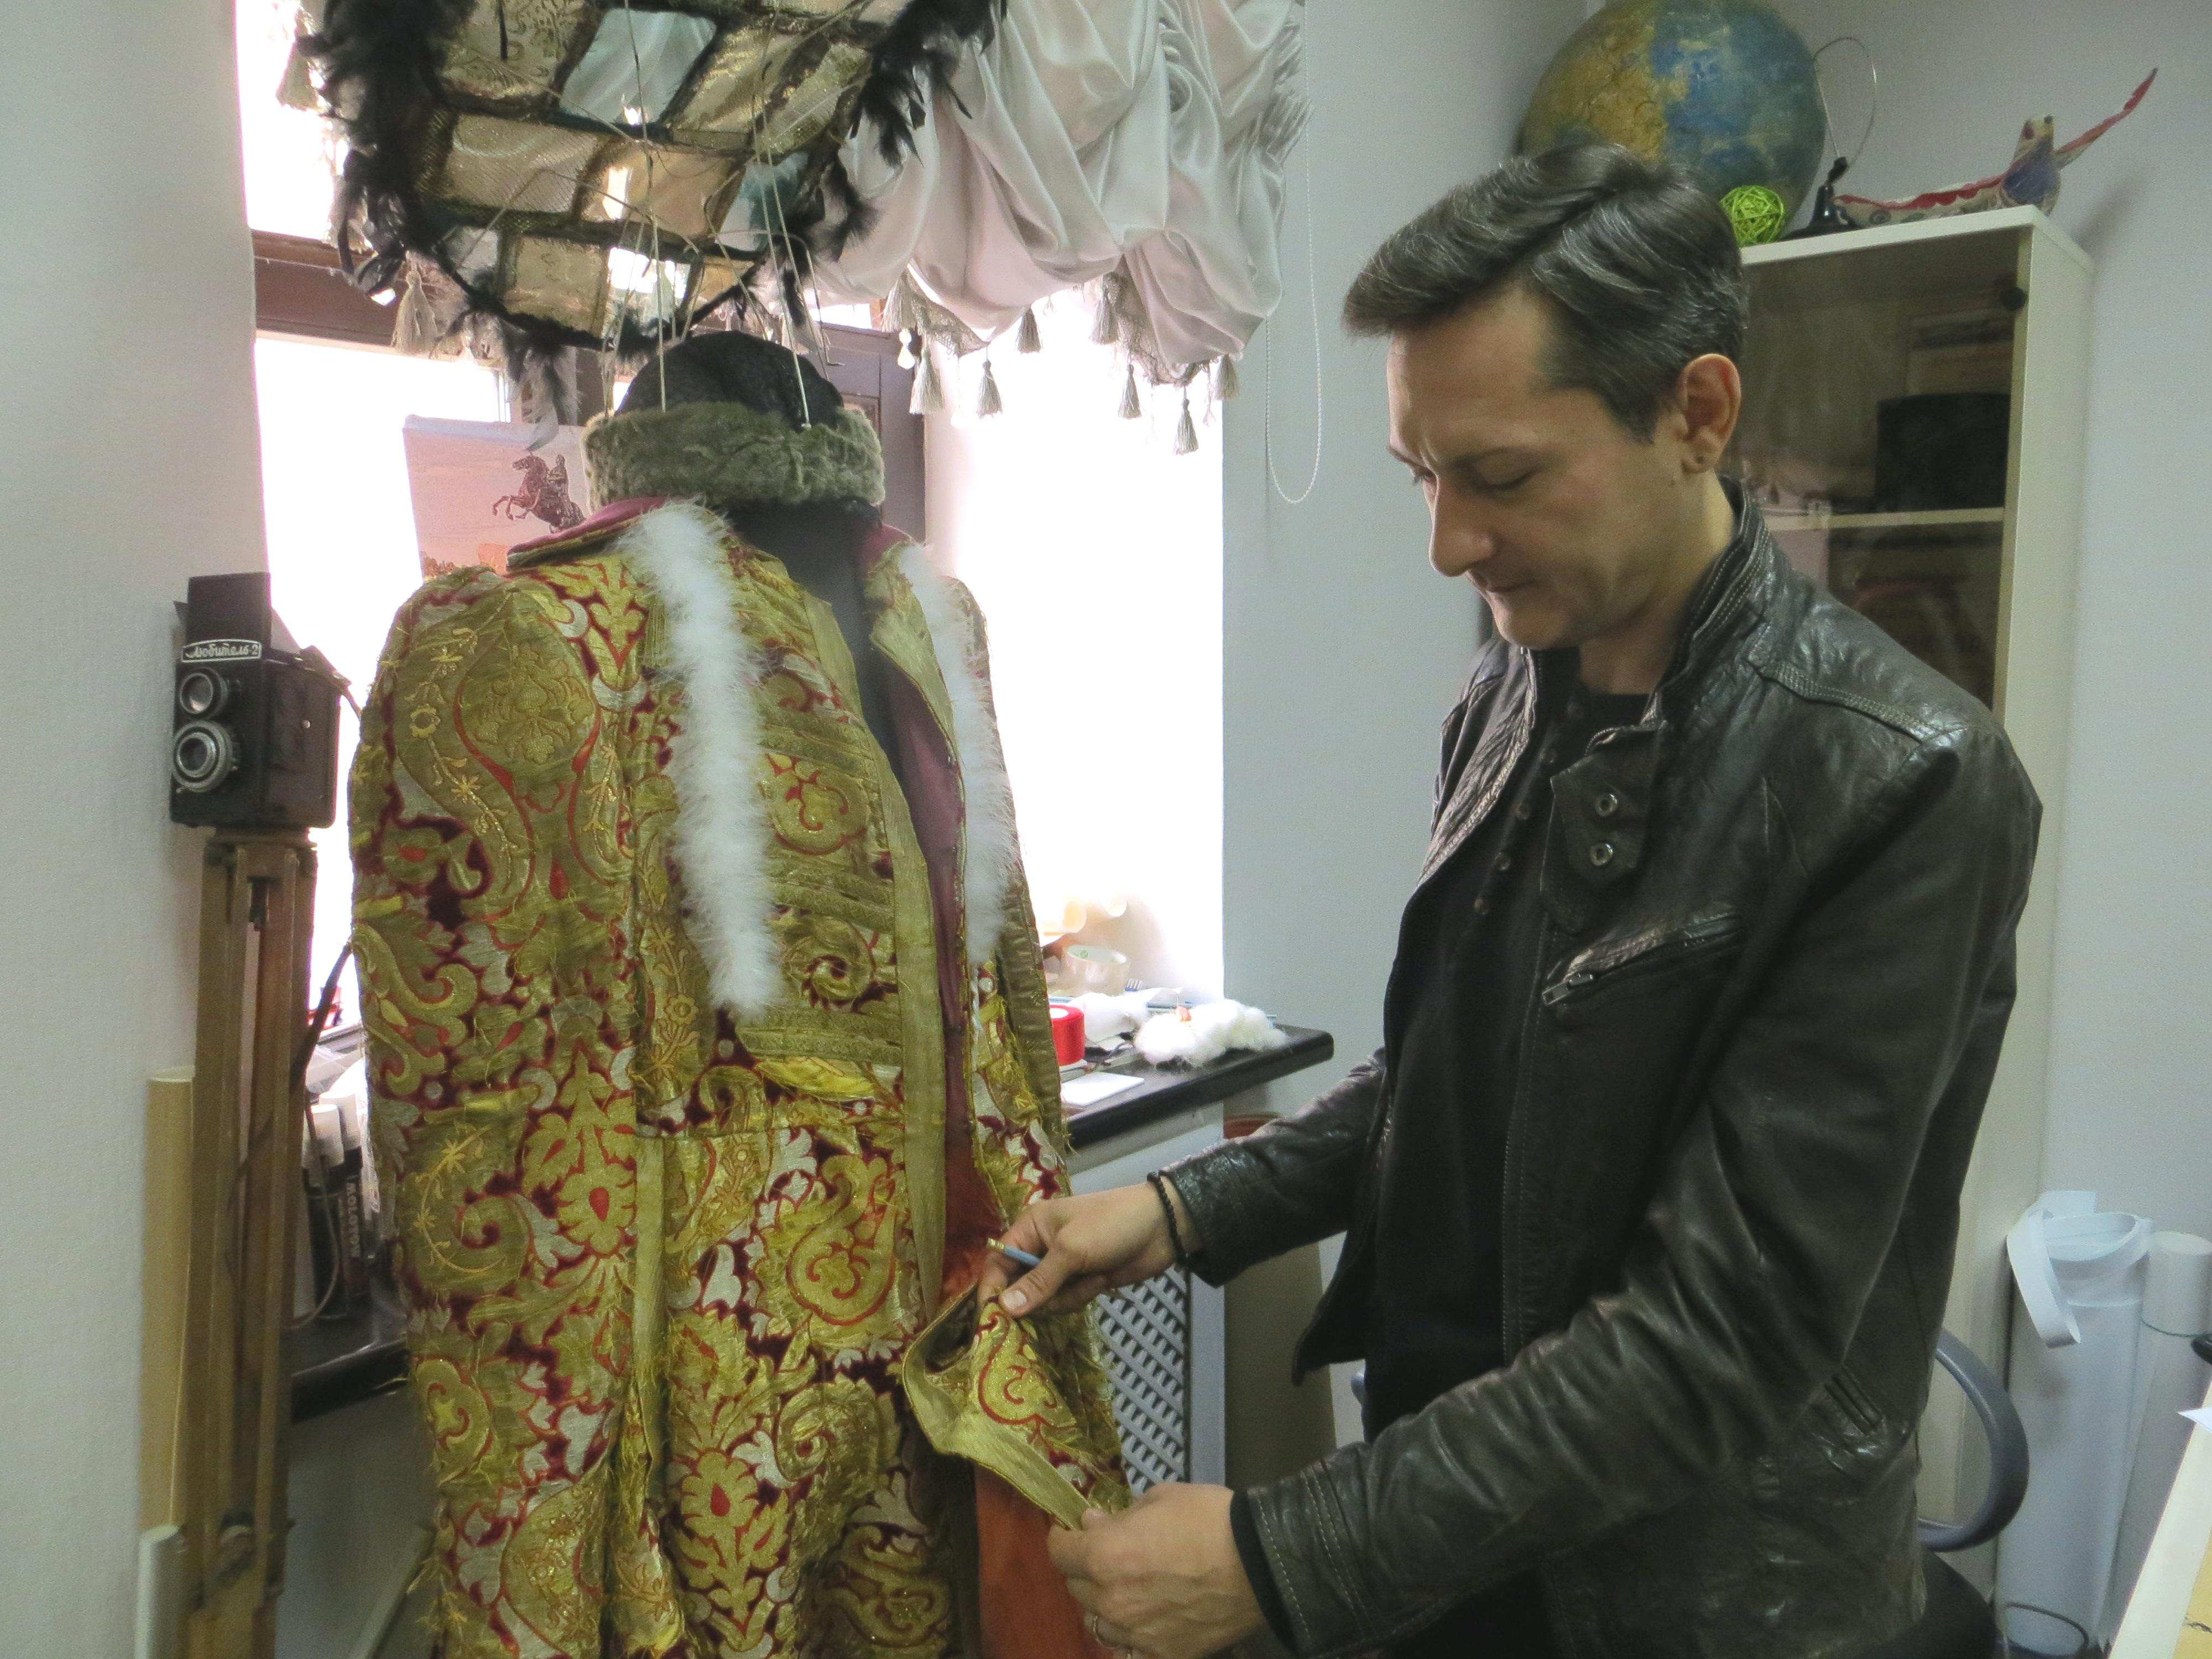 Этот театральный костюм прошлого века художник используют для изучения техники золотого шитья